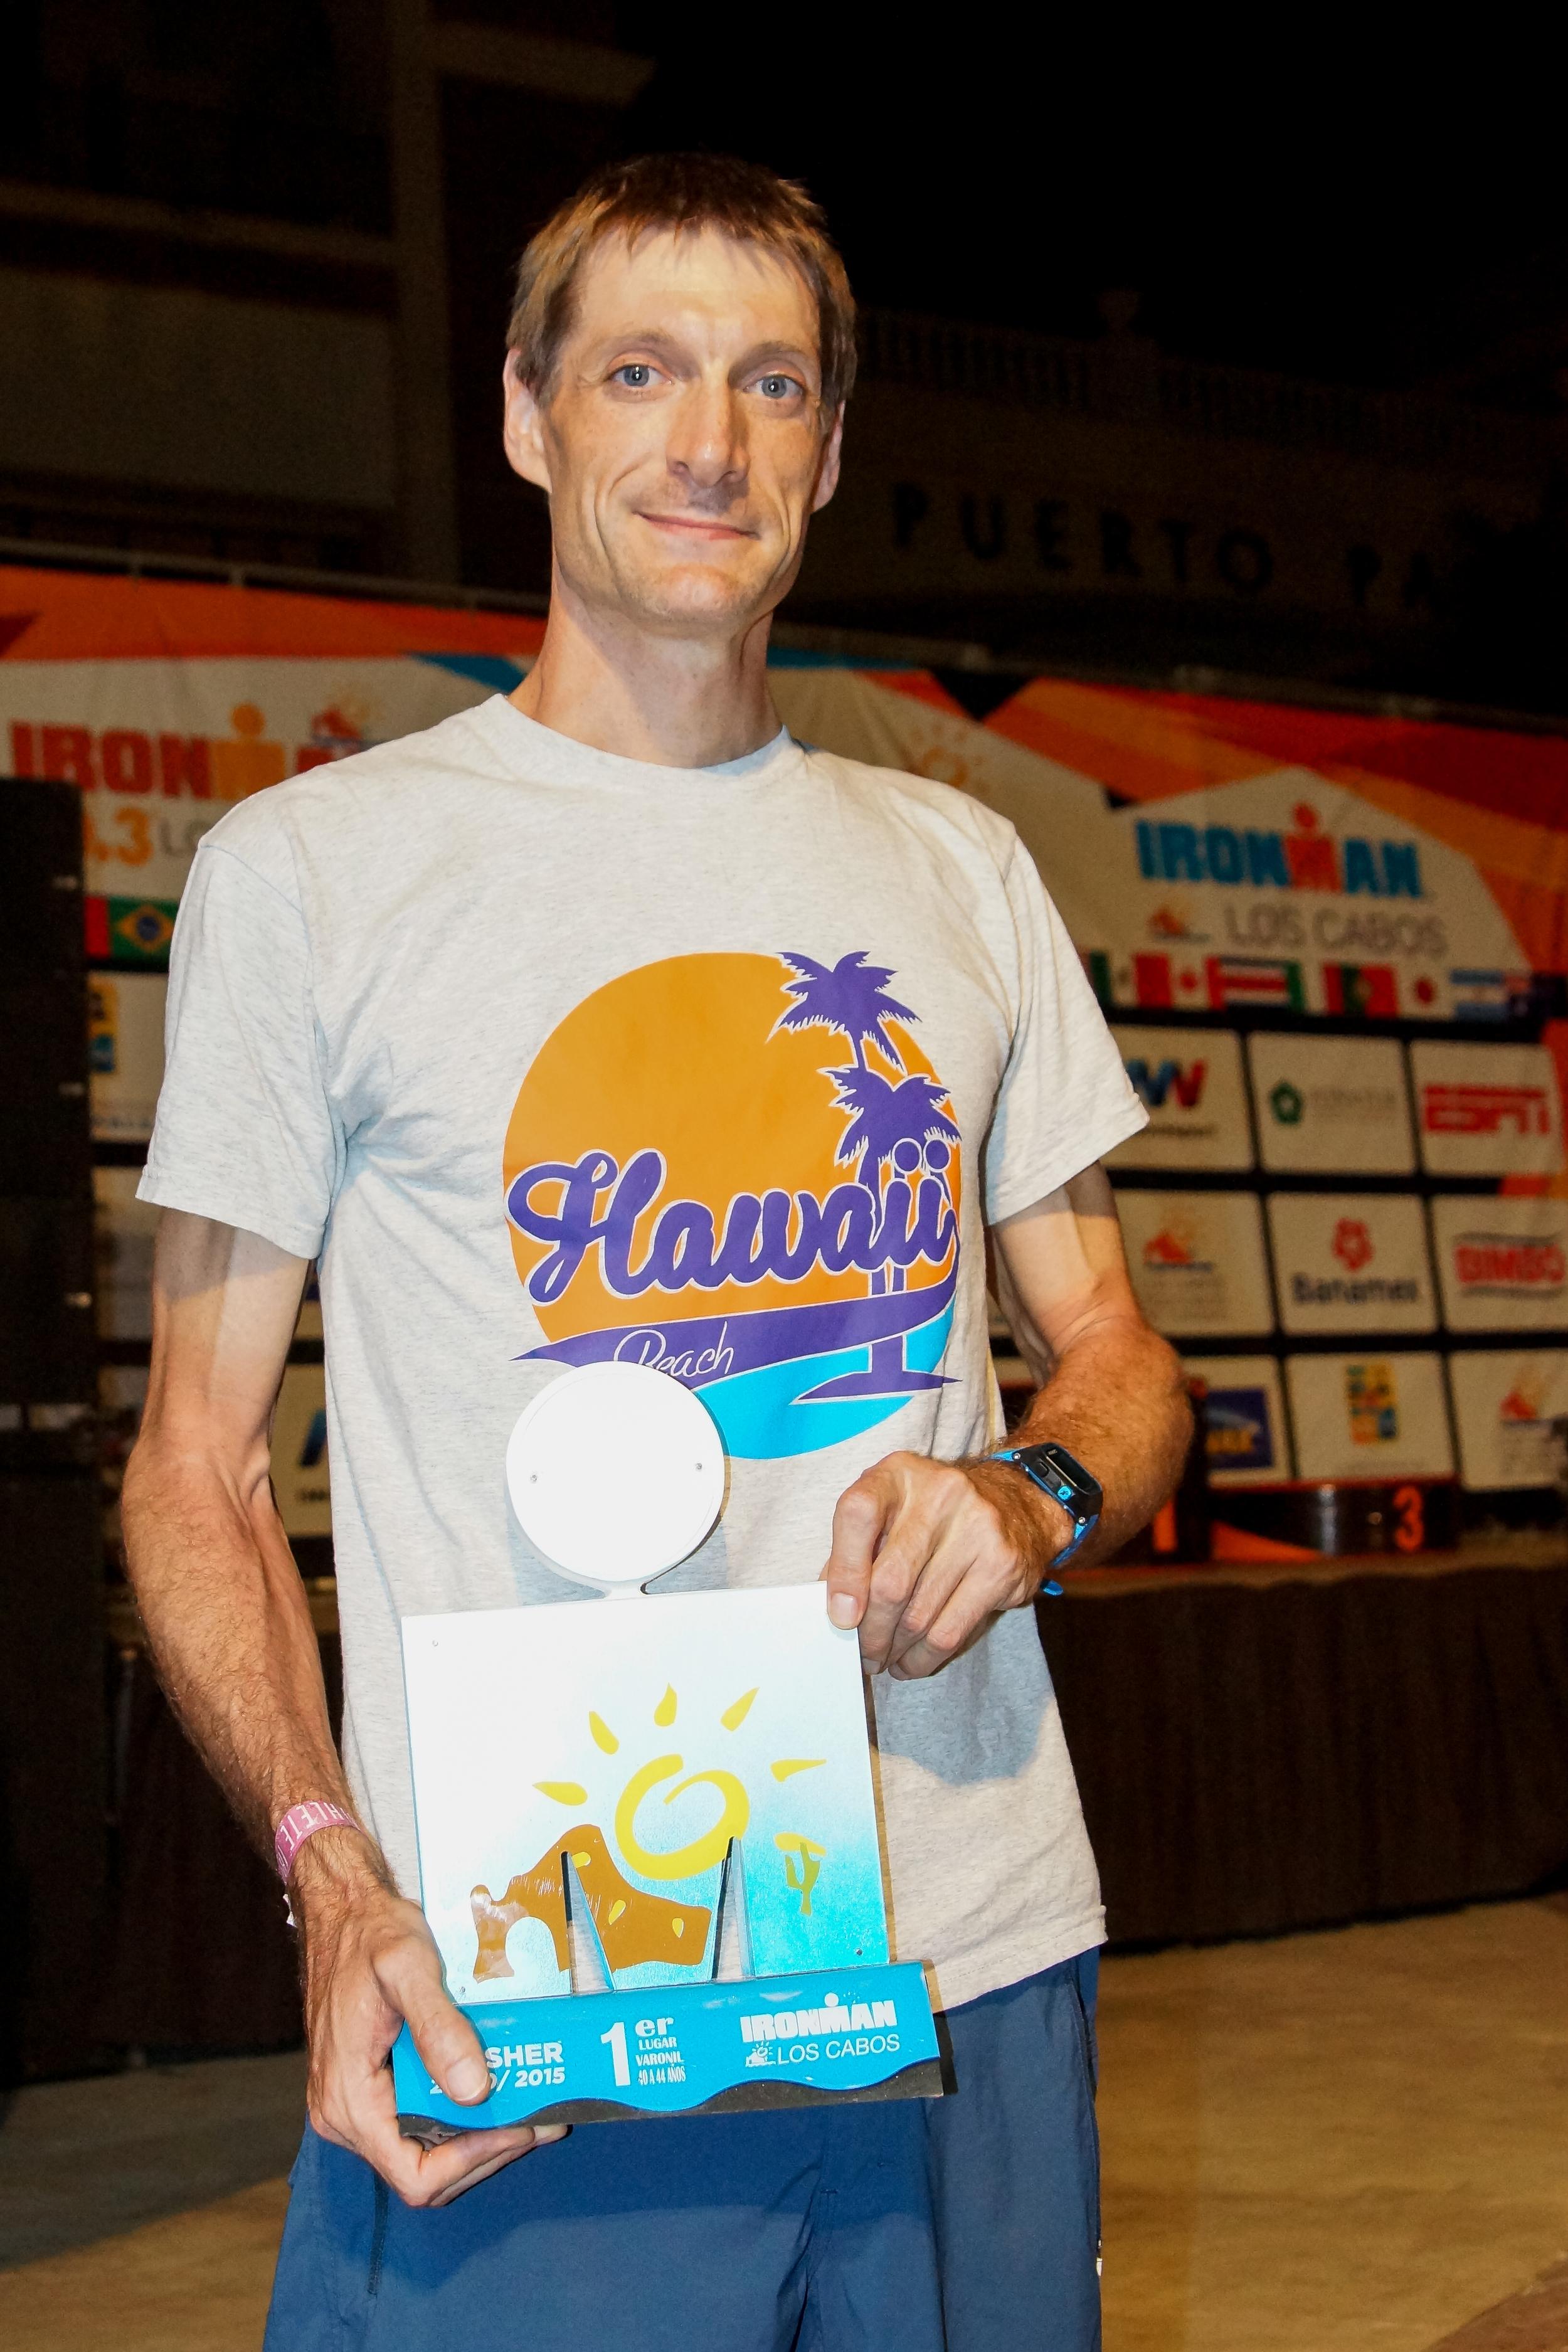 Timo Heine mit seiner Trophäe, nach seinem Sieg in Mexico (Quelle: abc-Europe/diemannschaft)